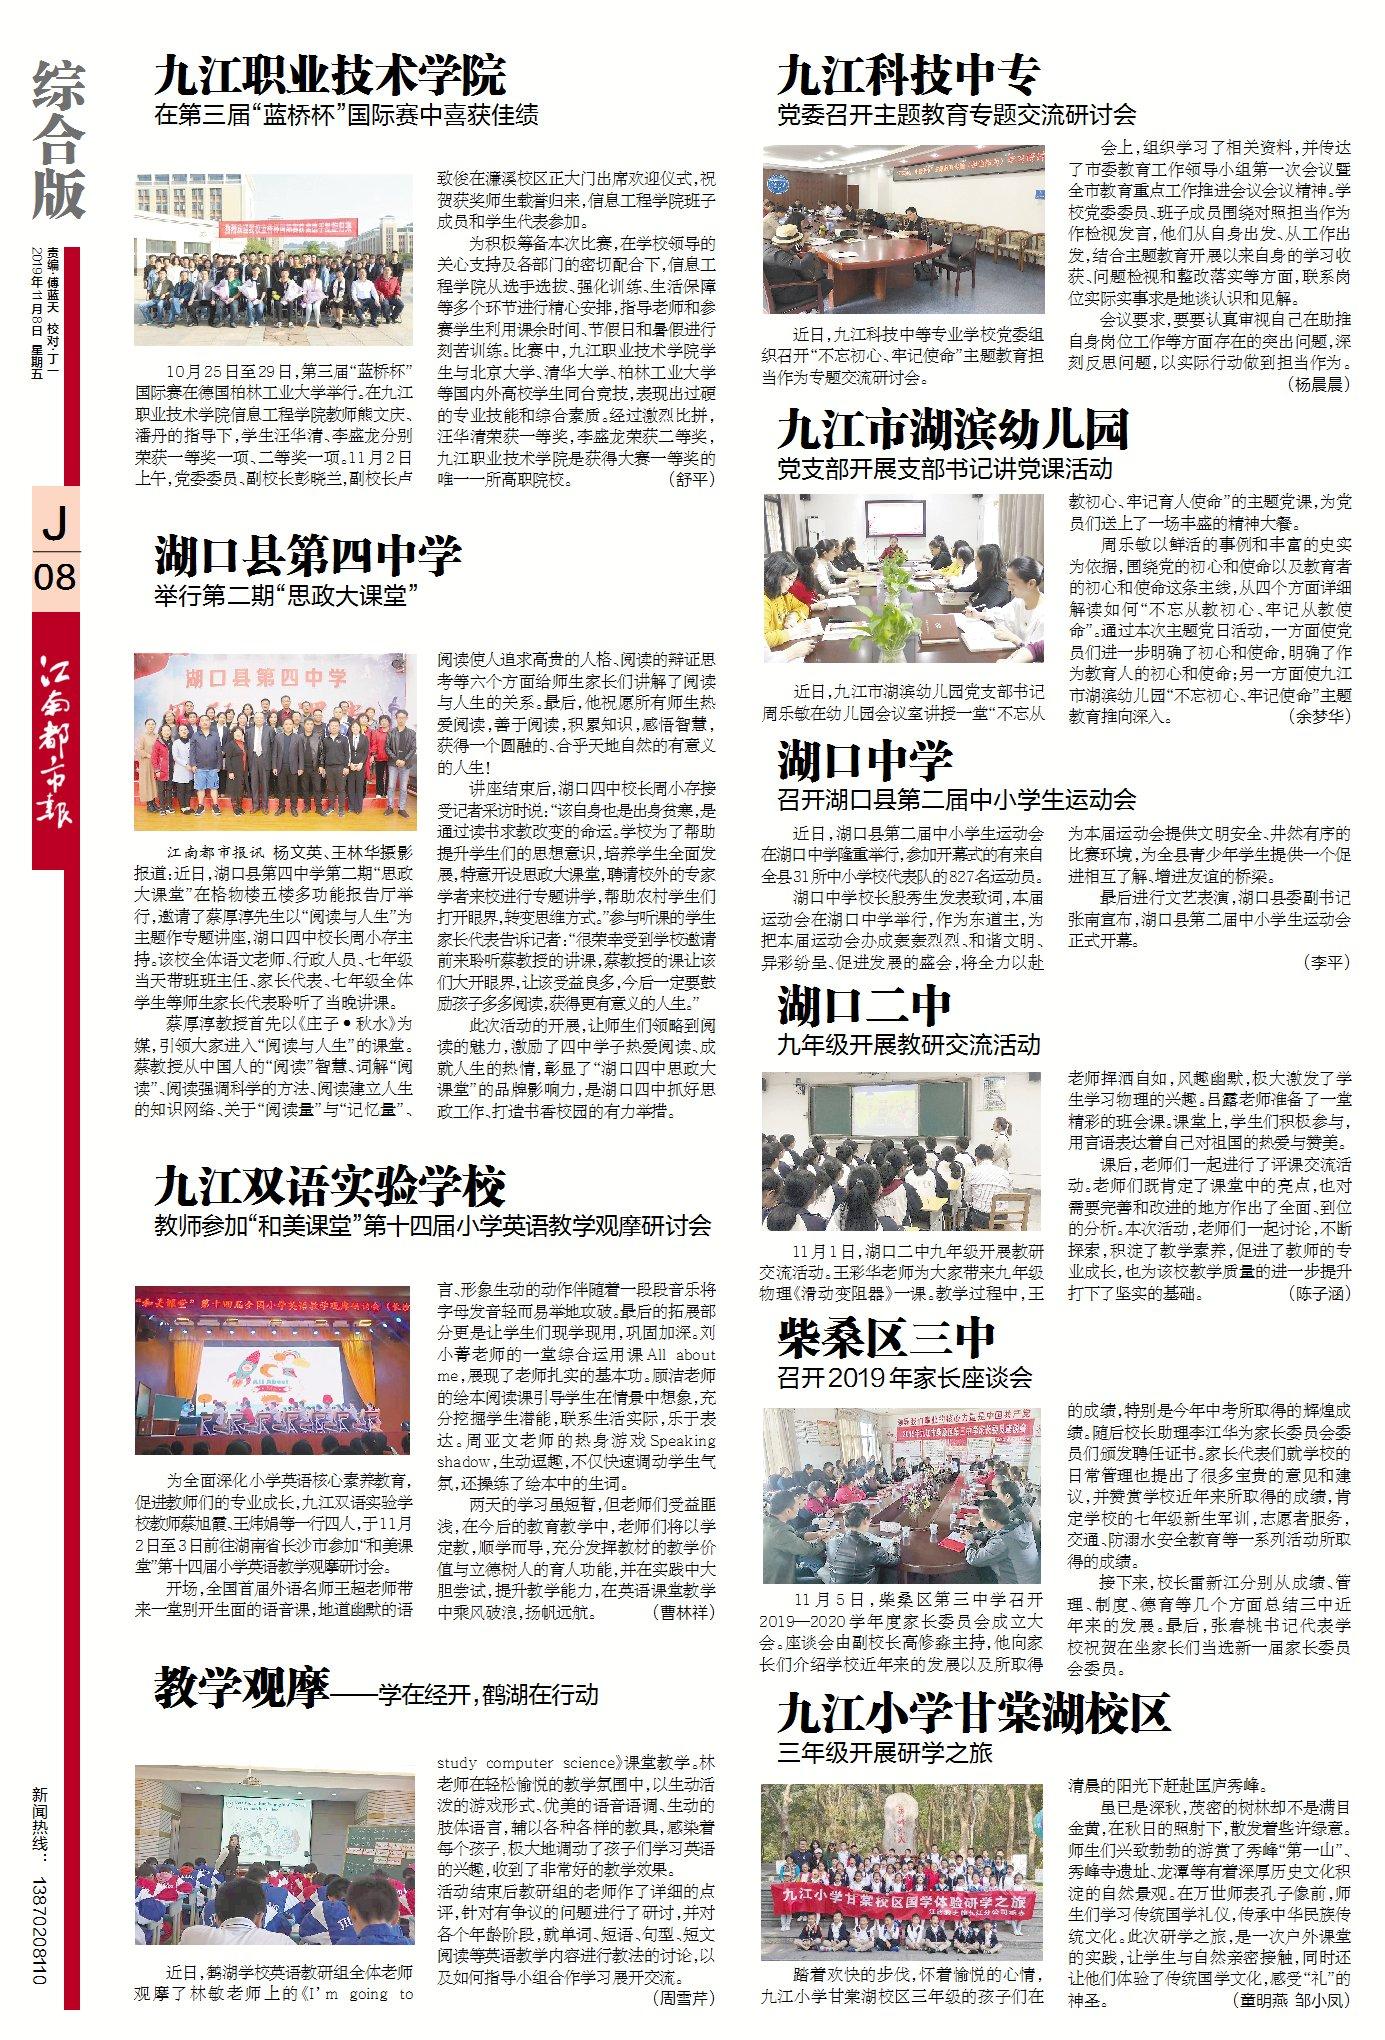 2019年11月8日江南都市报《亚博体育app苹果新闻》8版